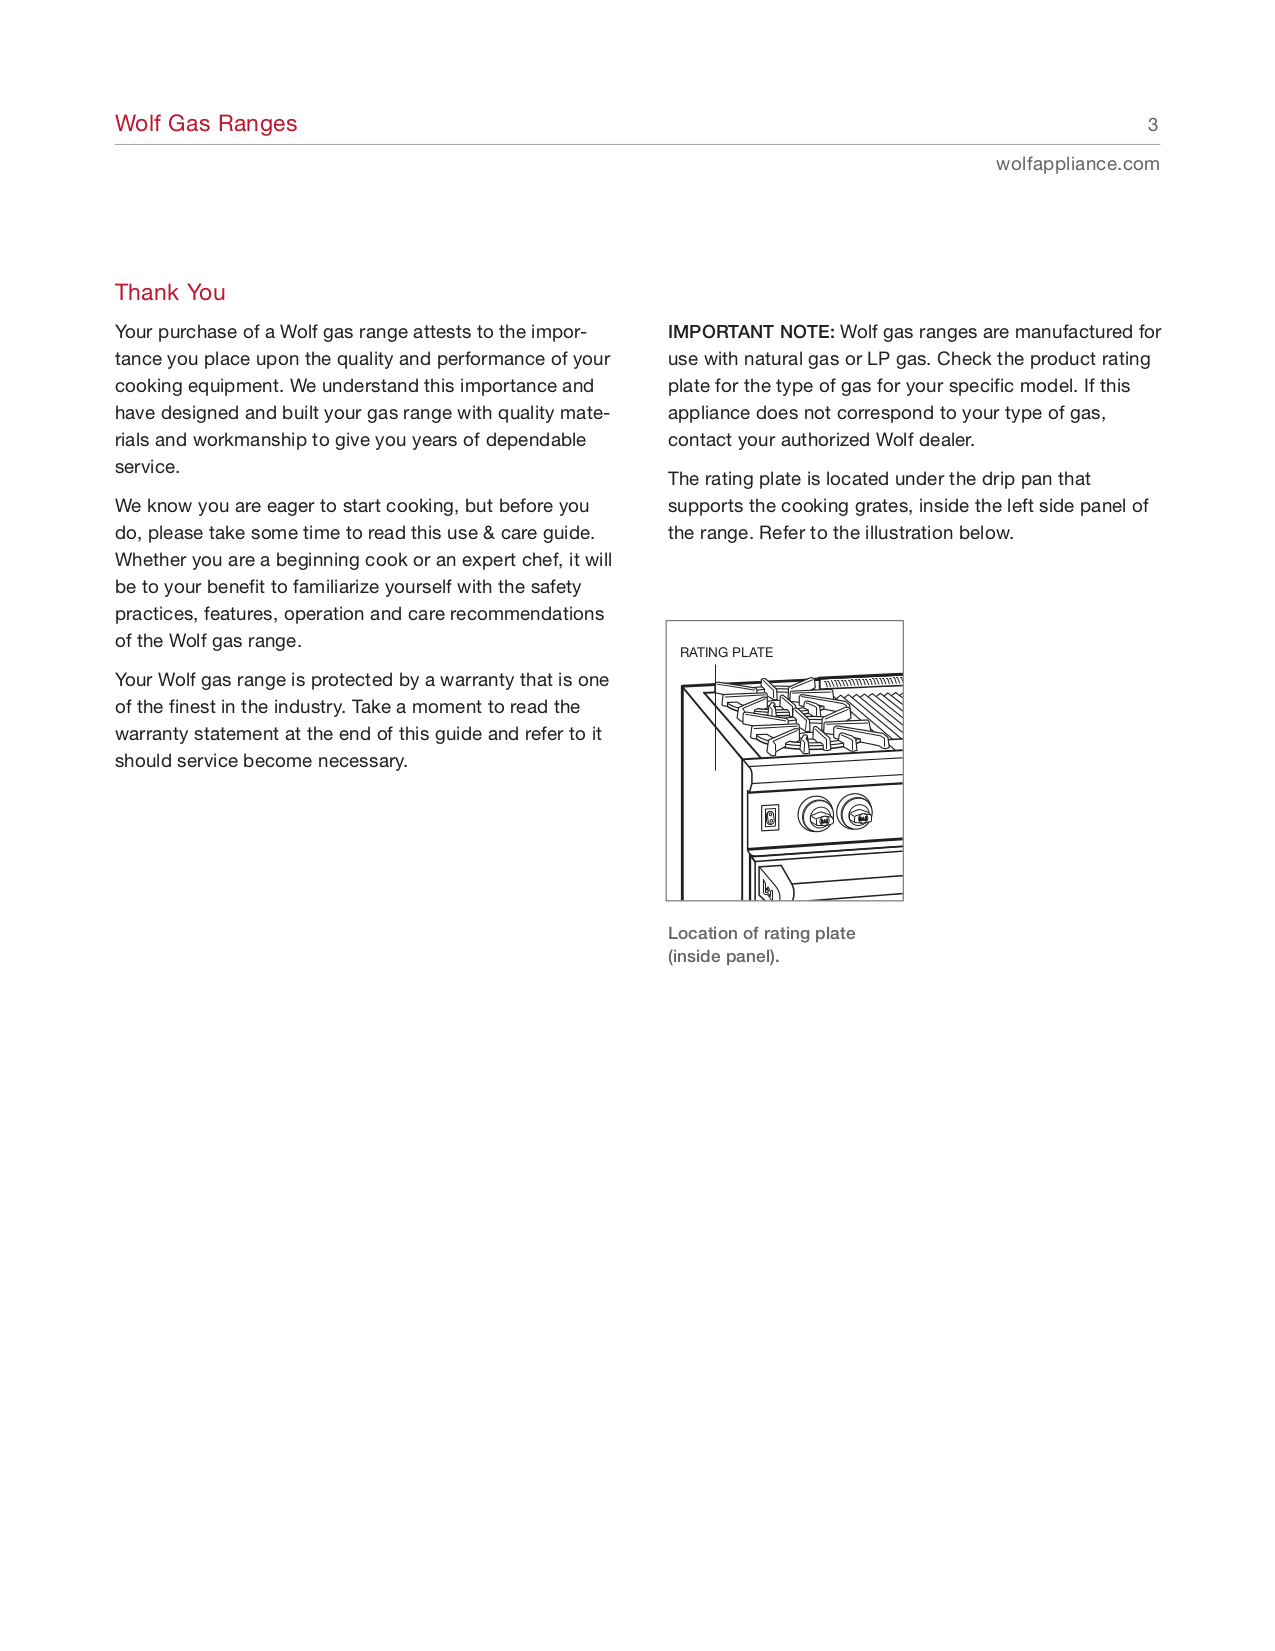 ... Array - mazda b2600 repair manual ebook rh mazda b2600 repair manual  ebook zettadata sol